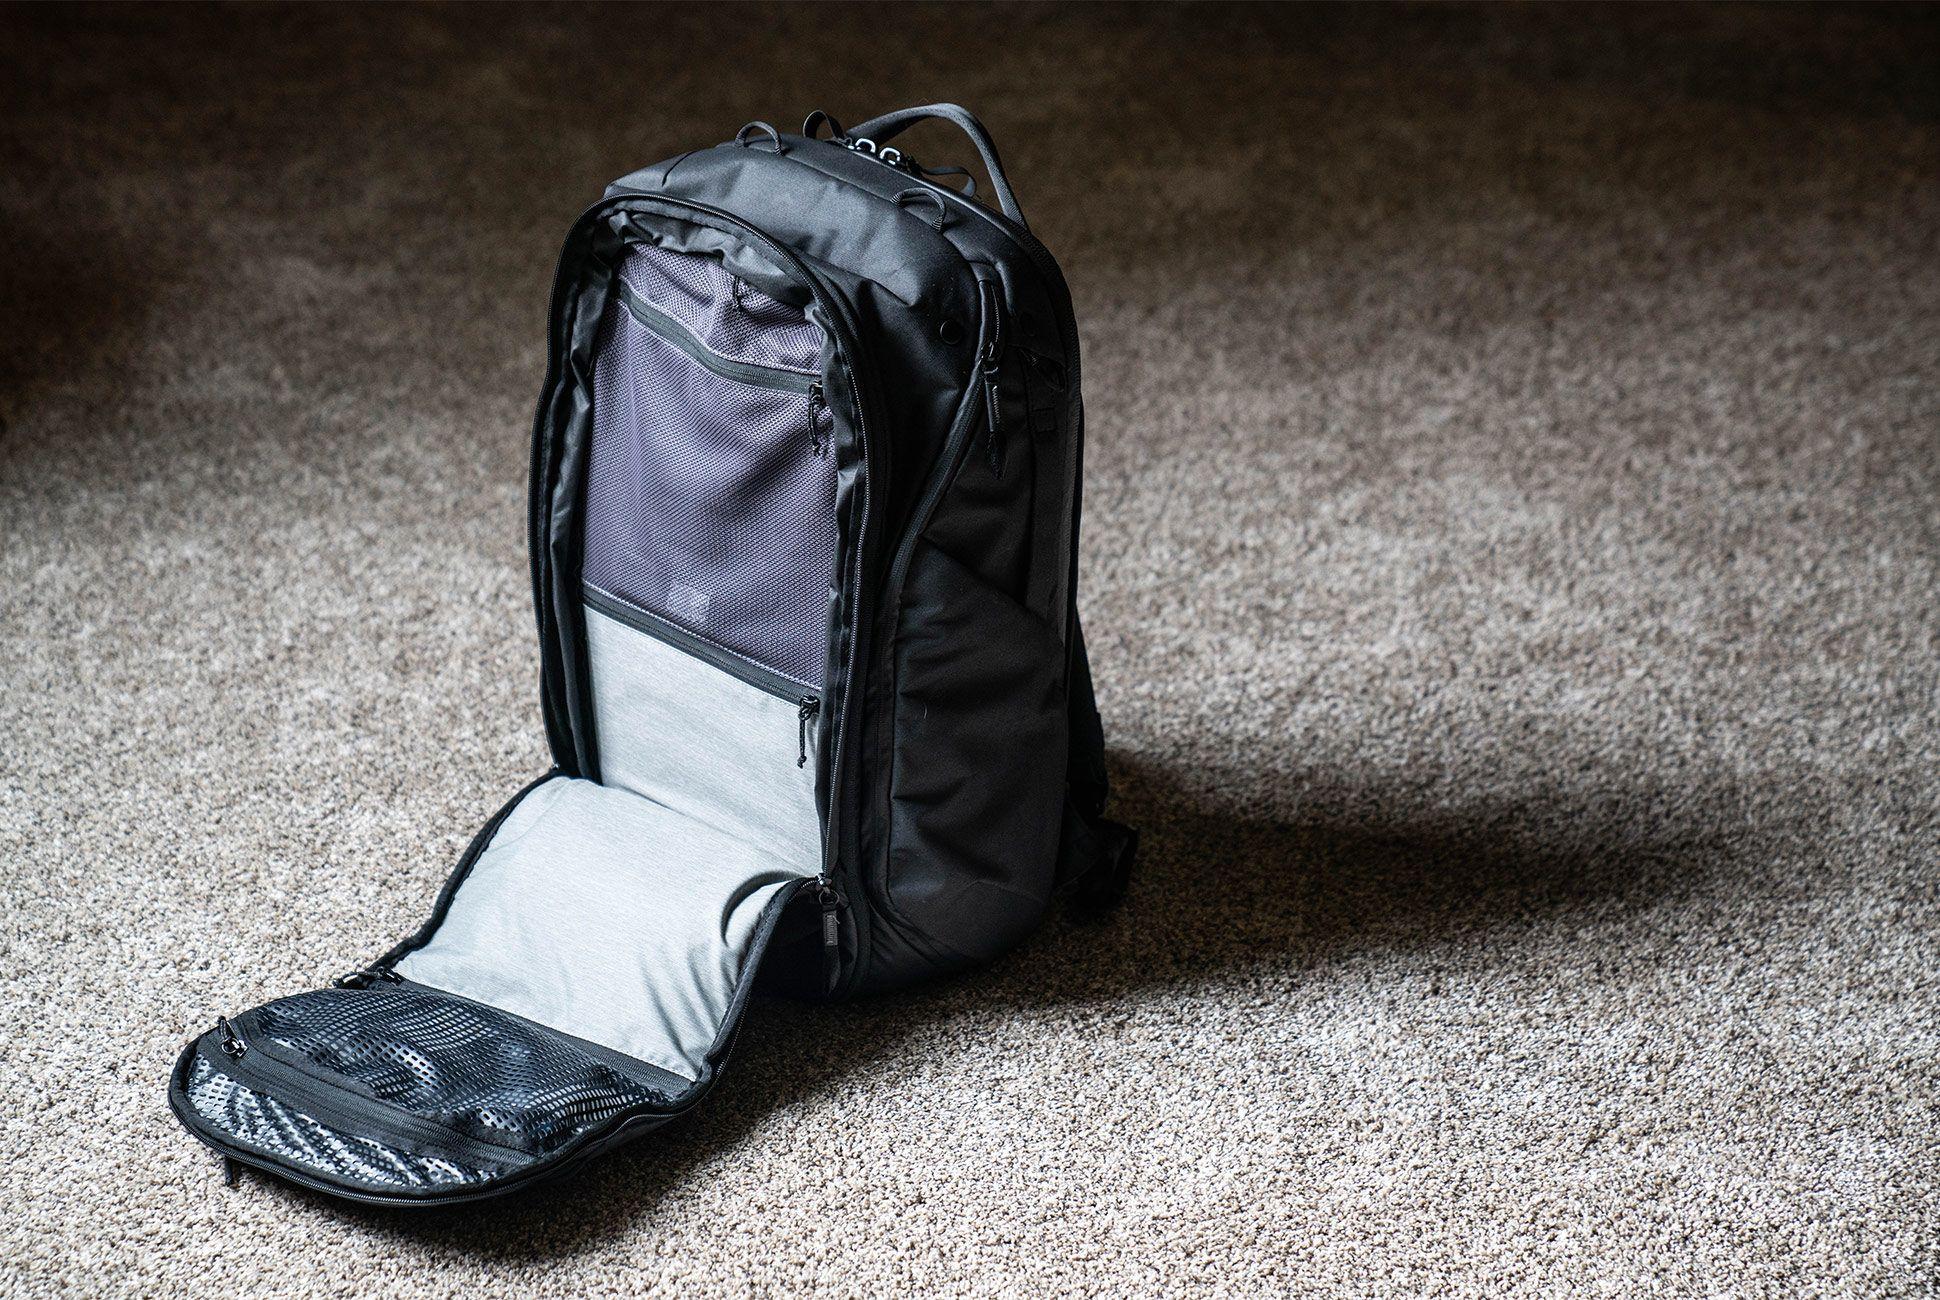 peak-design-backpack-gear-patrol-slide-01